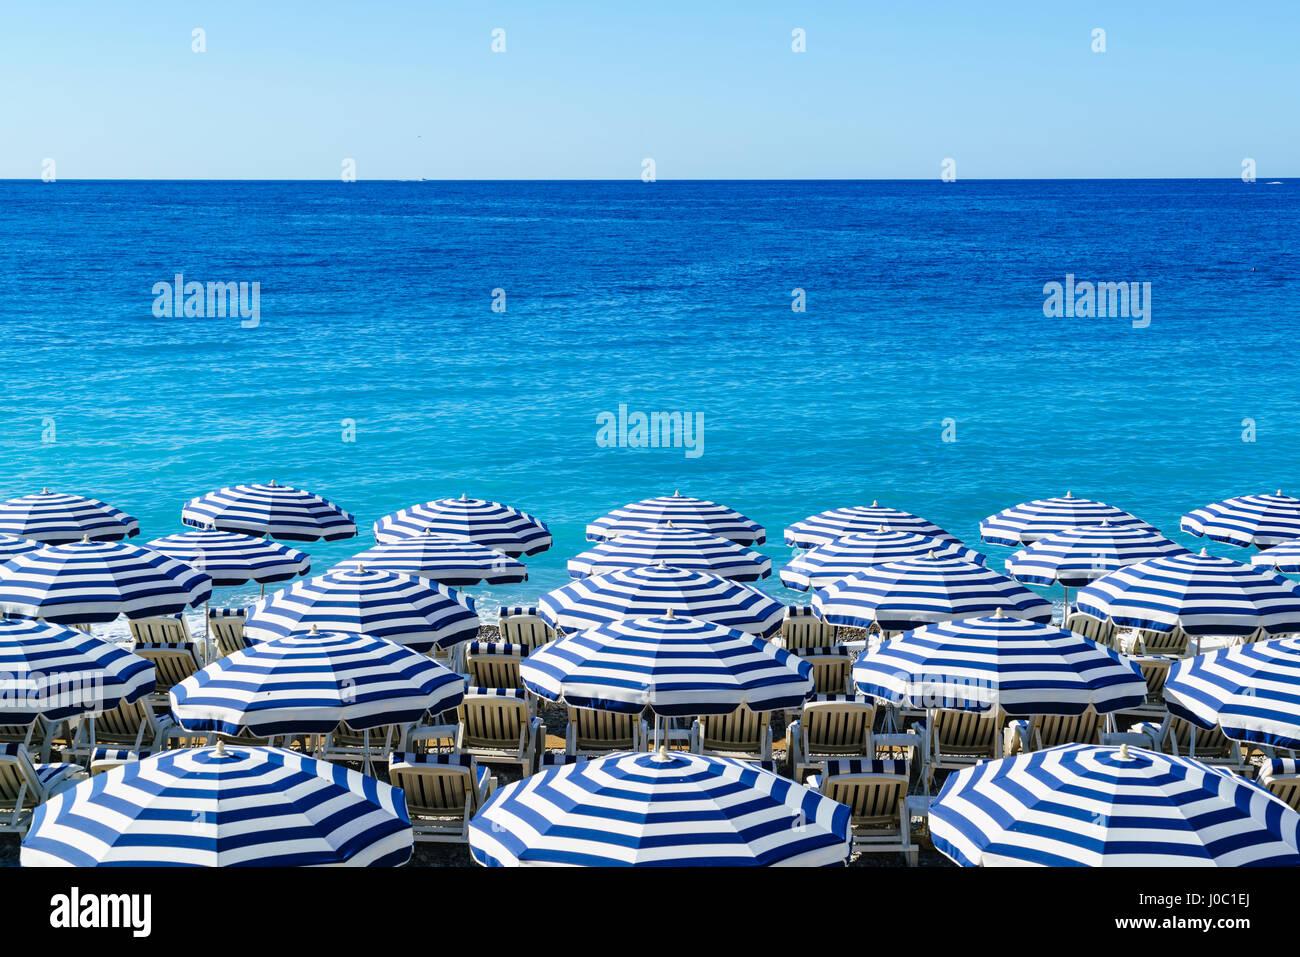 Des parasols de plage bleu et blanc, Nice, Alpes Maritimes, Côte d'Azur, Provence, France, Méditerranée Photo Stock